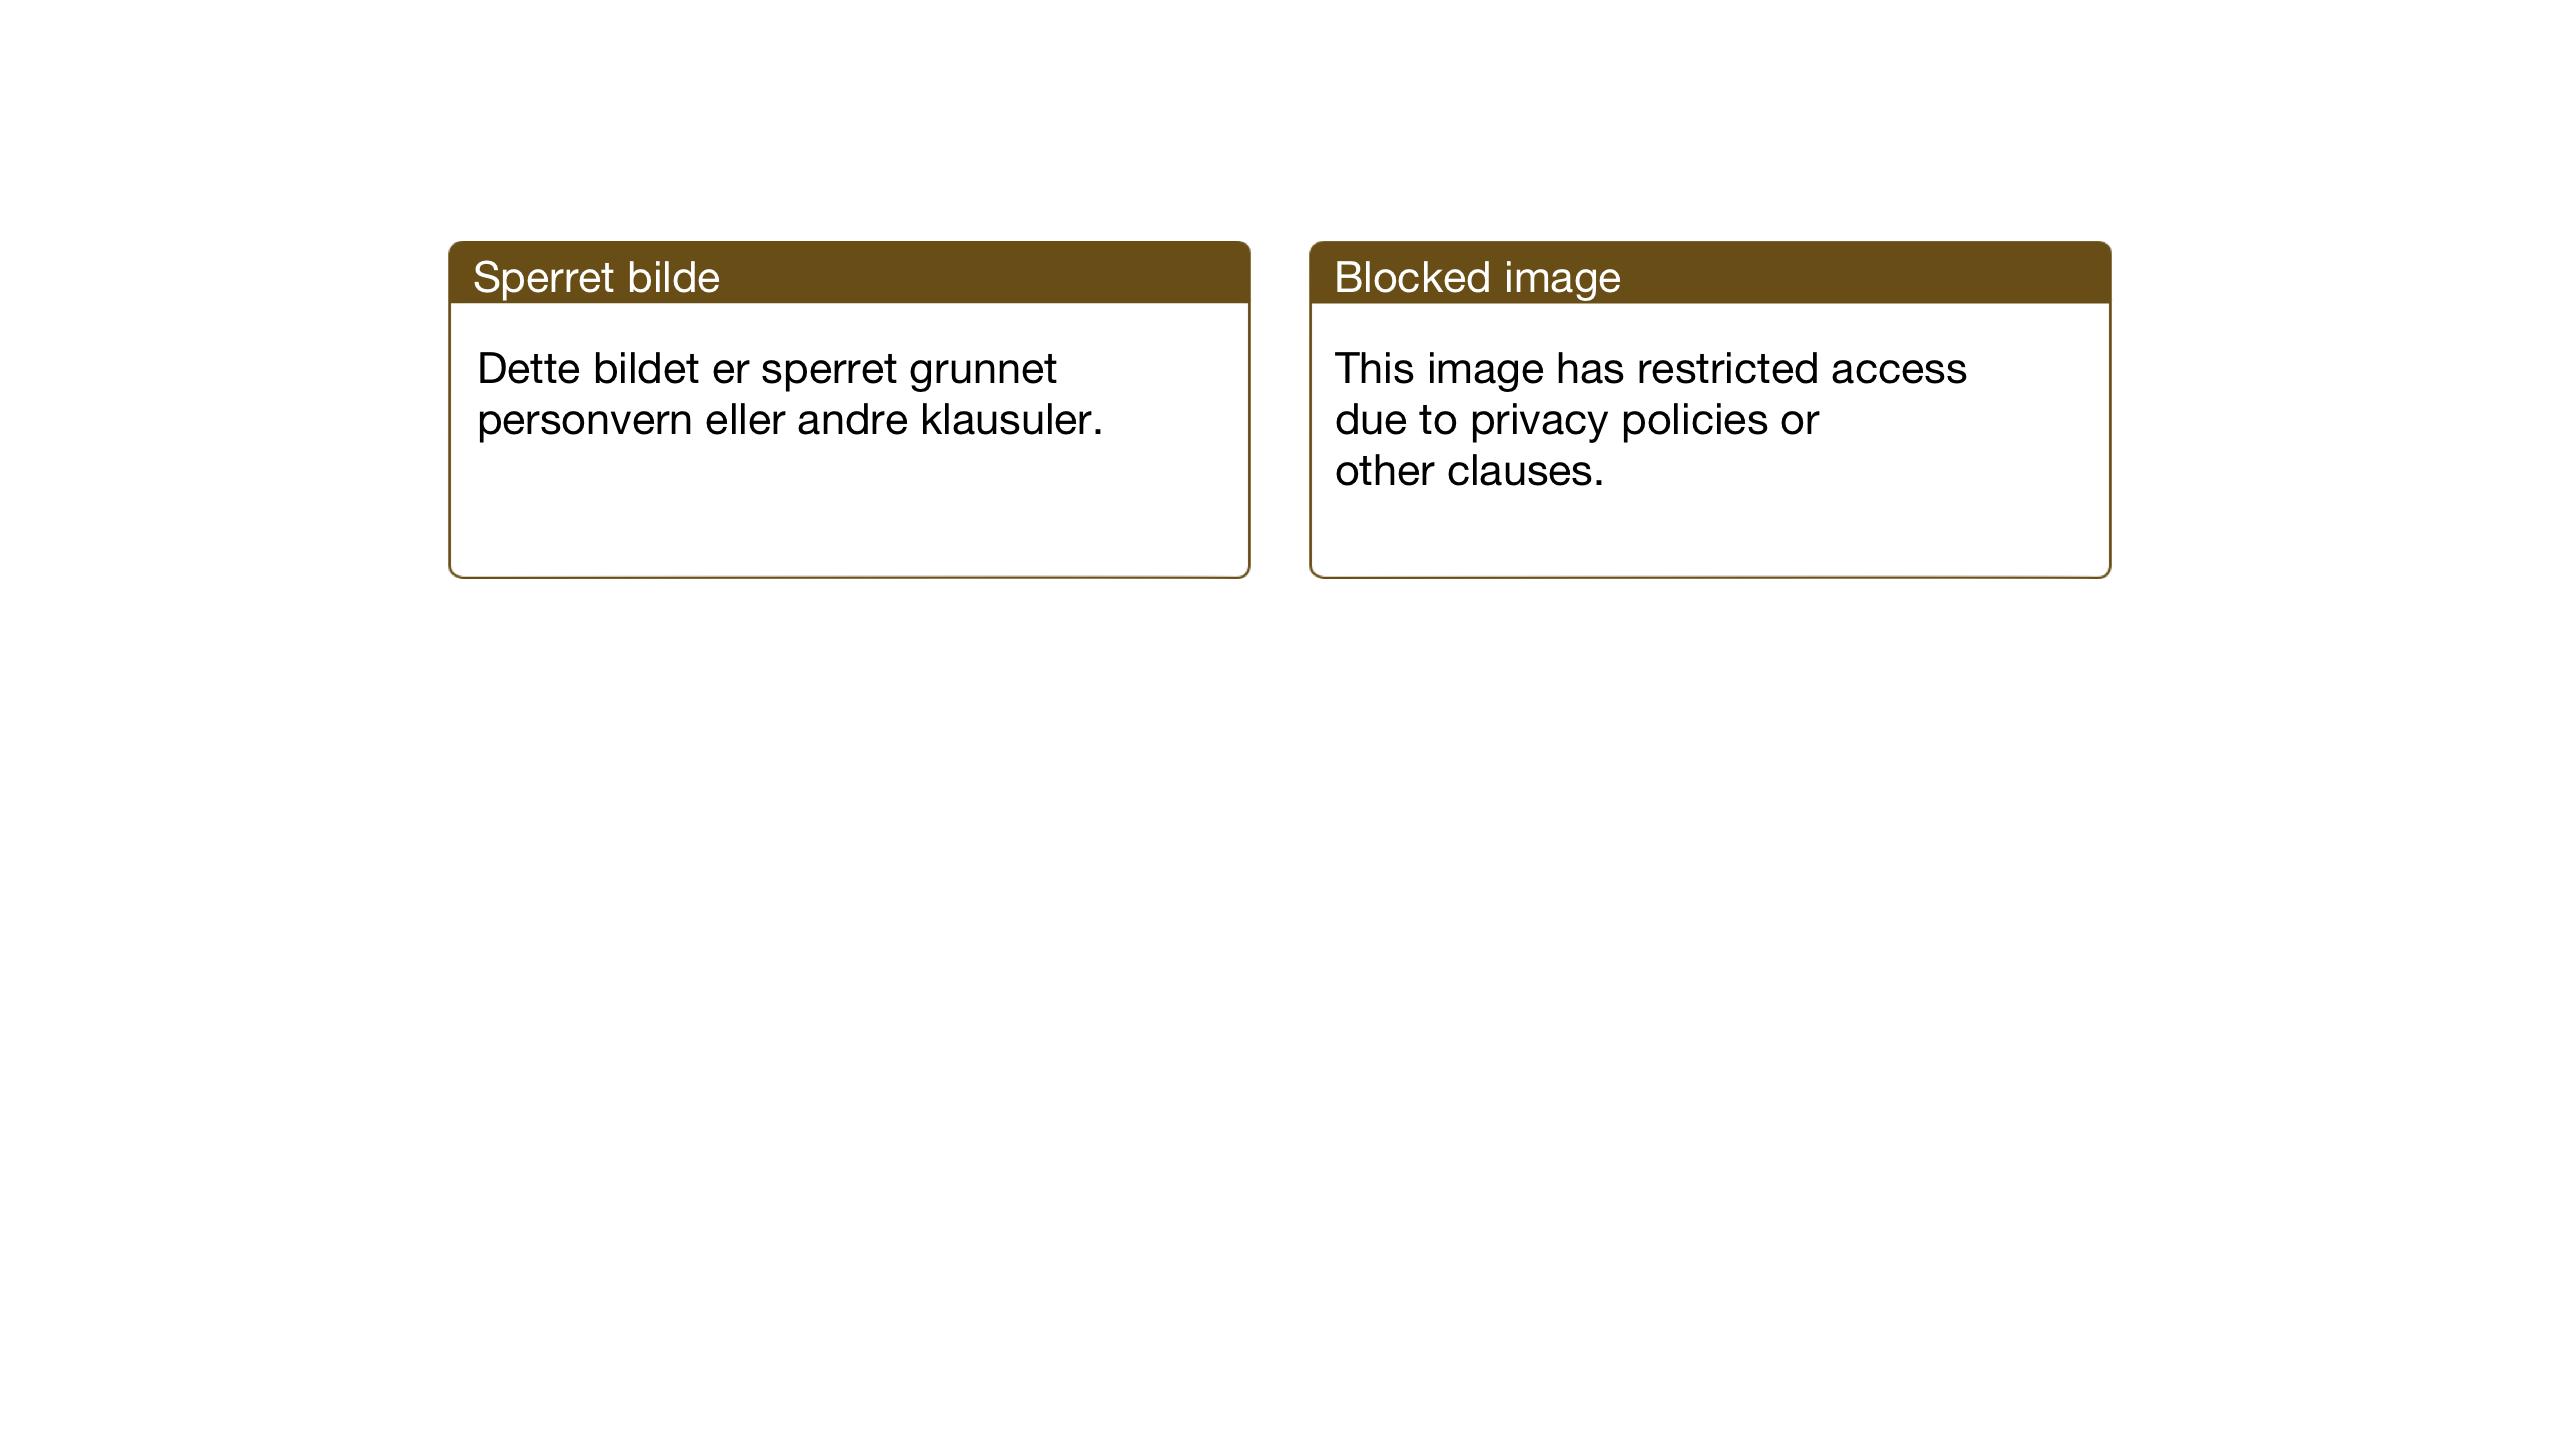 SAT, Ministerialprotokoller, klokkerbøker og fødselsregistre - Sør-Trøndelag, 635/L0554: Klokkerbok nr. 635C02, 1919-1942, s. 60